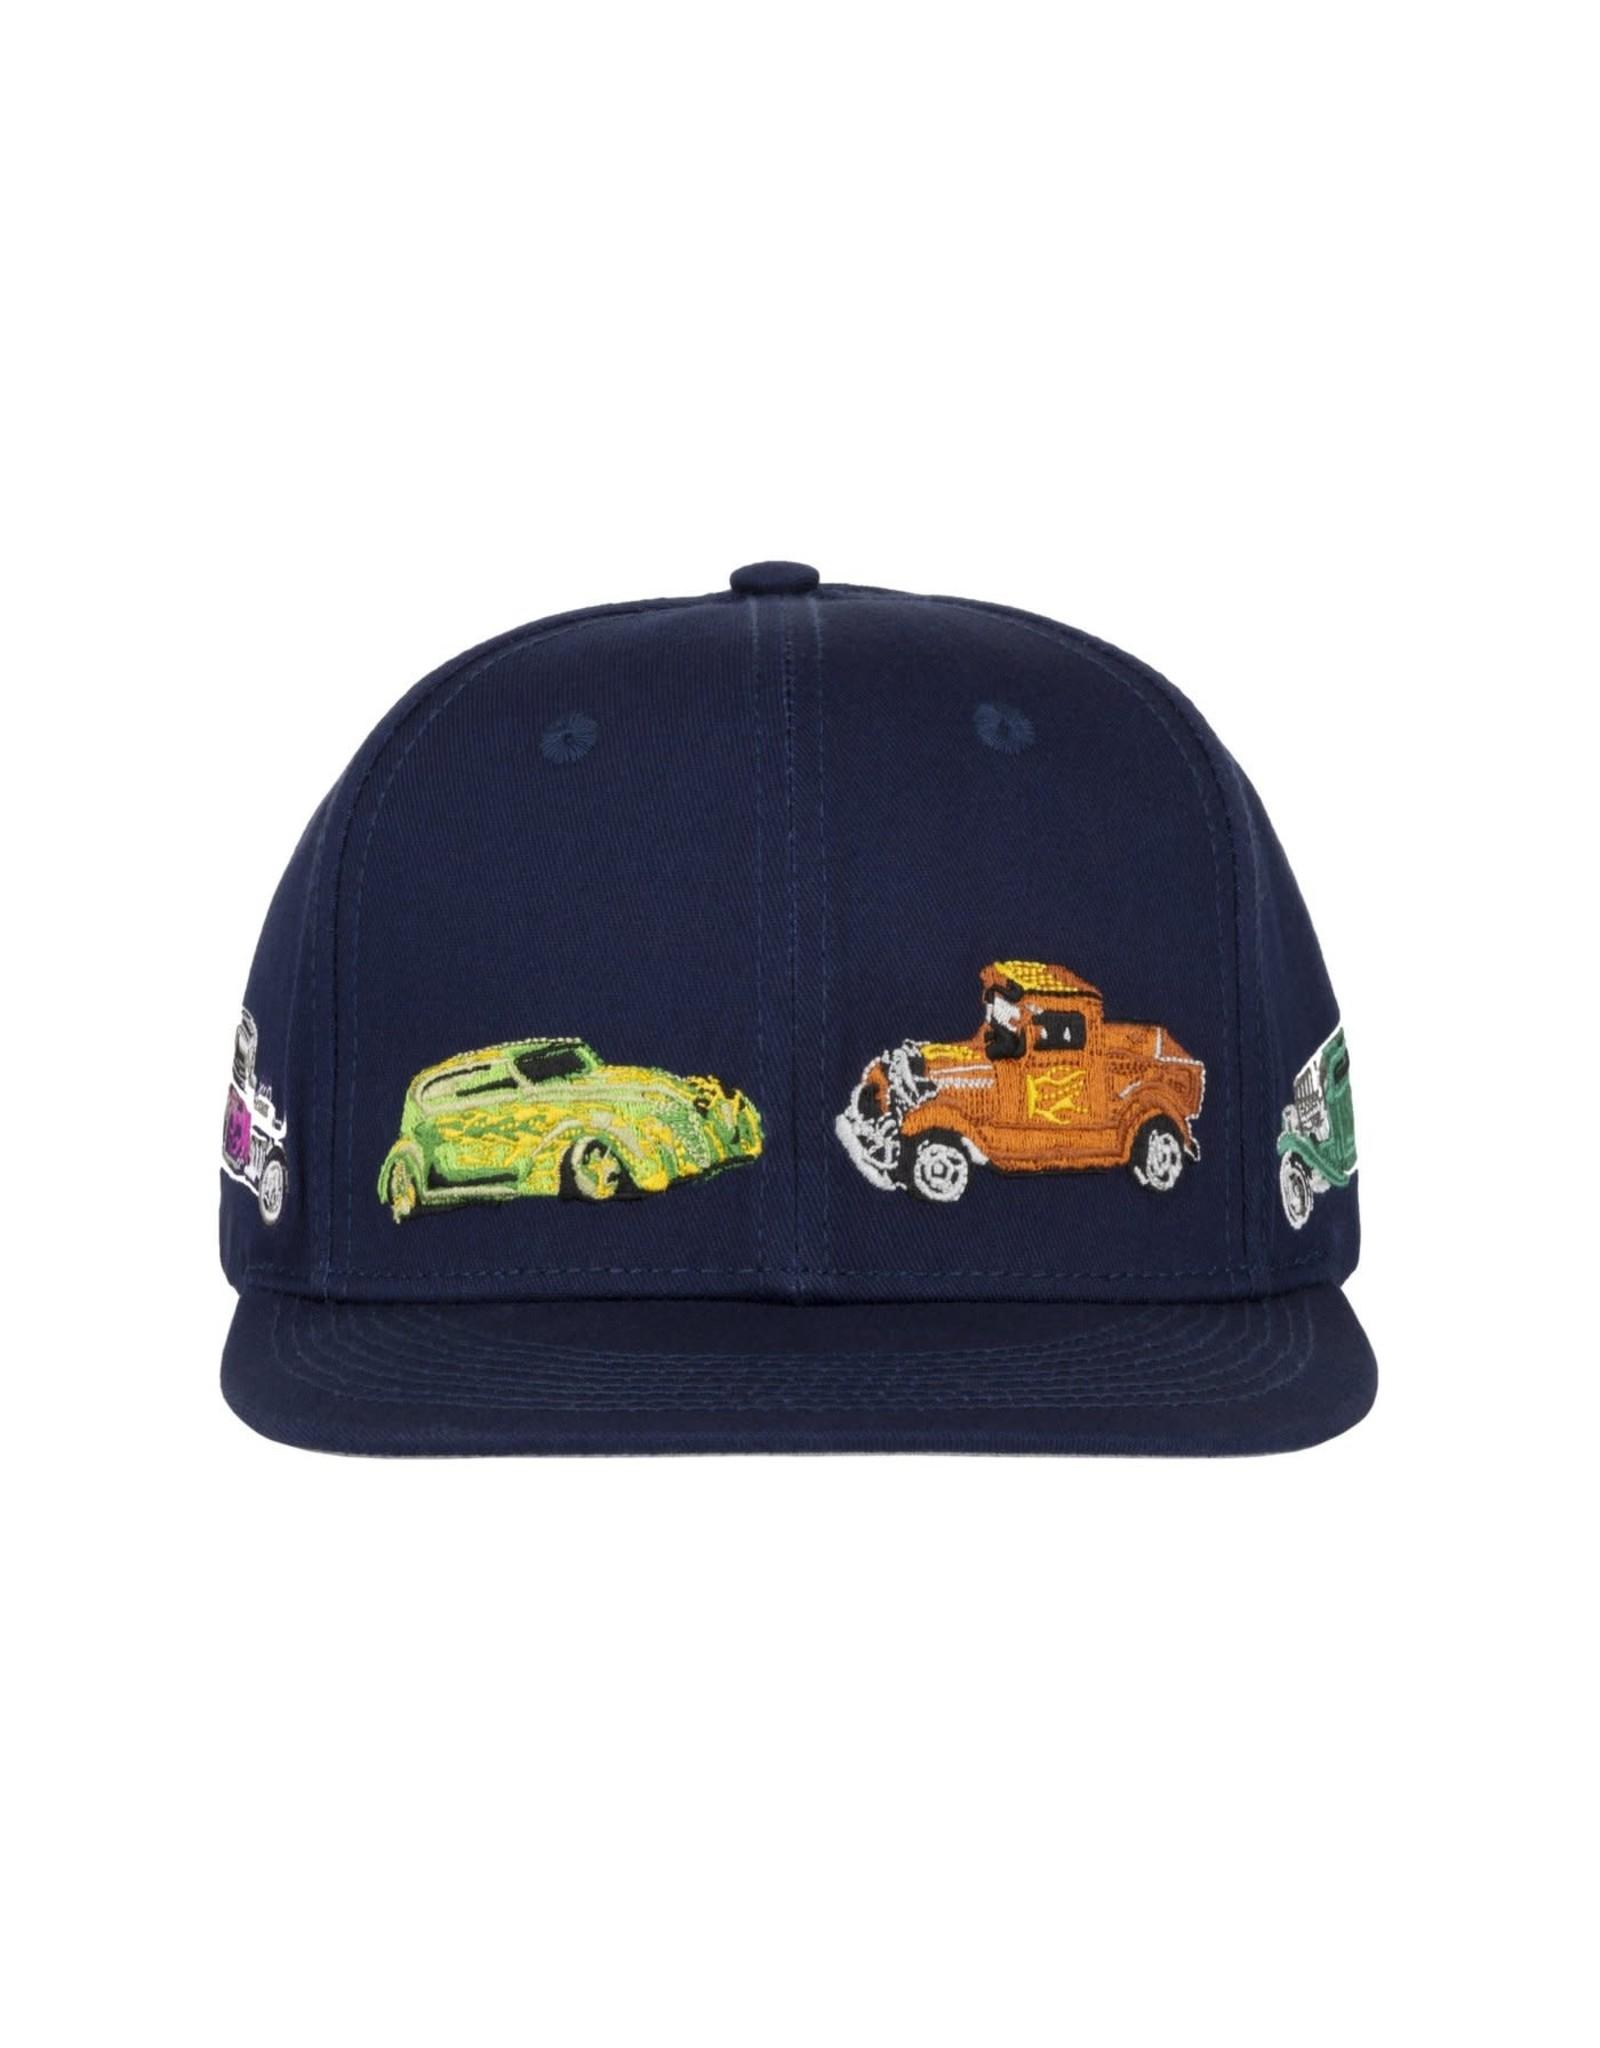 Classic Hot Wheels Cap - Navy